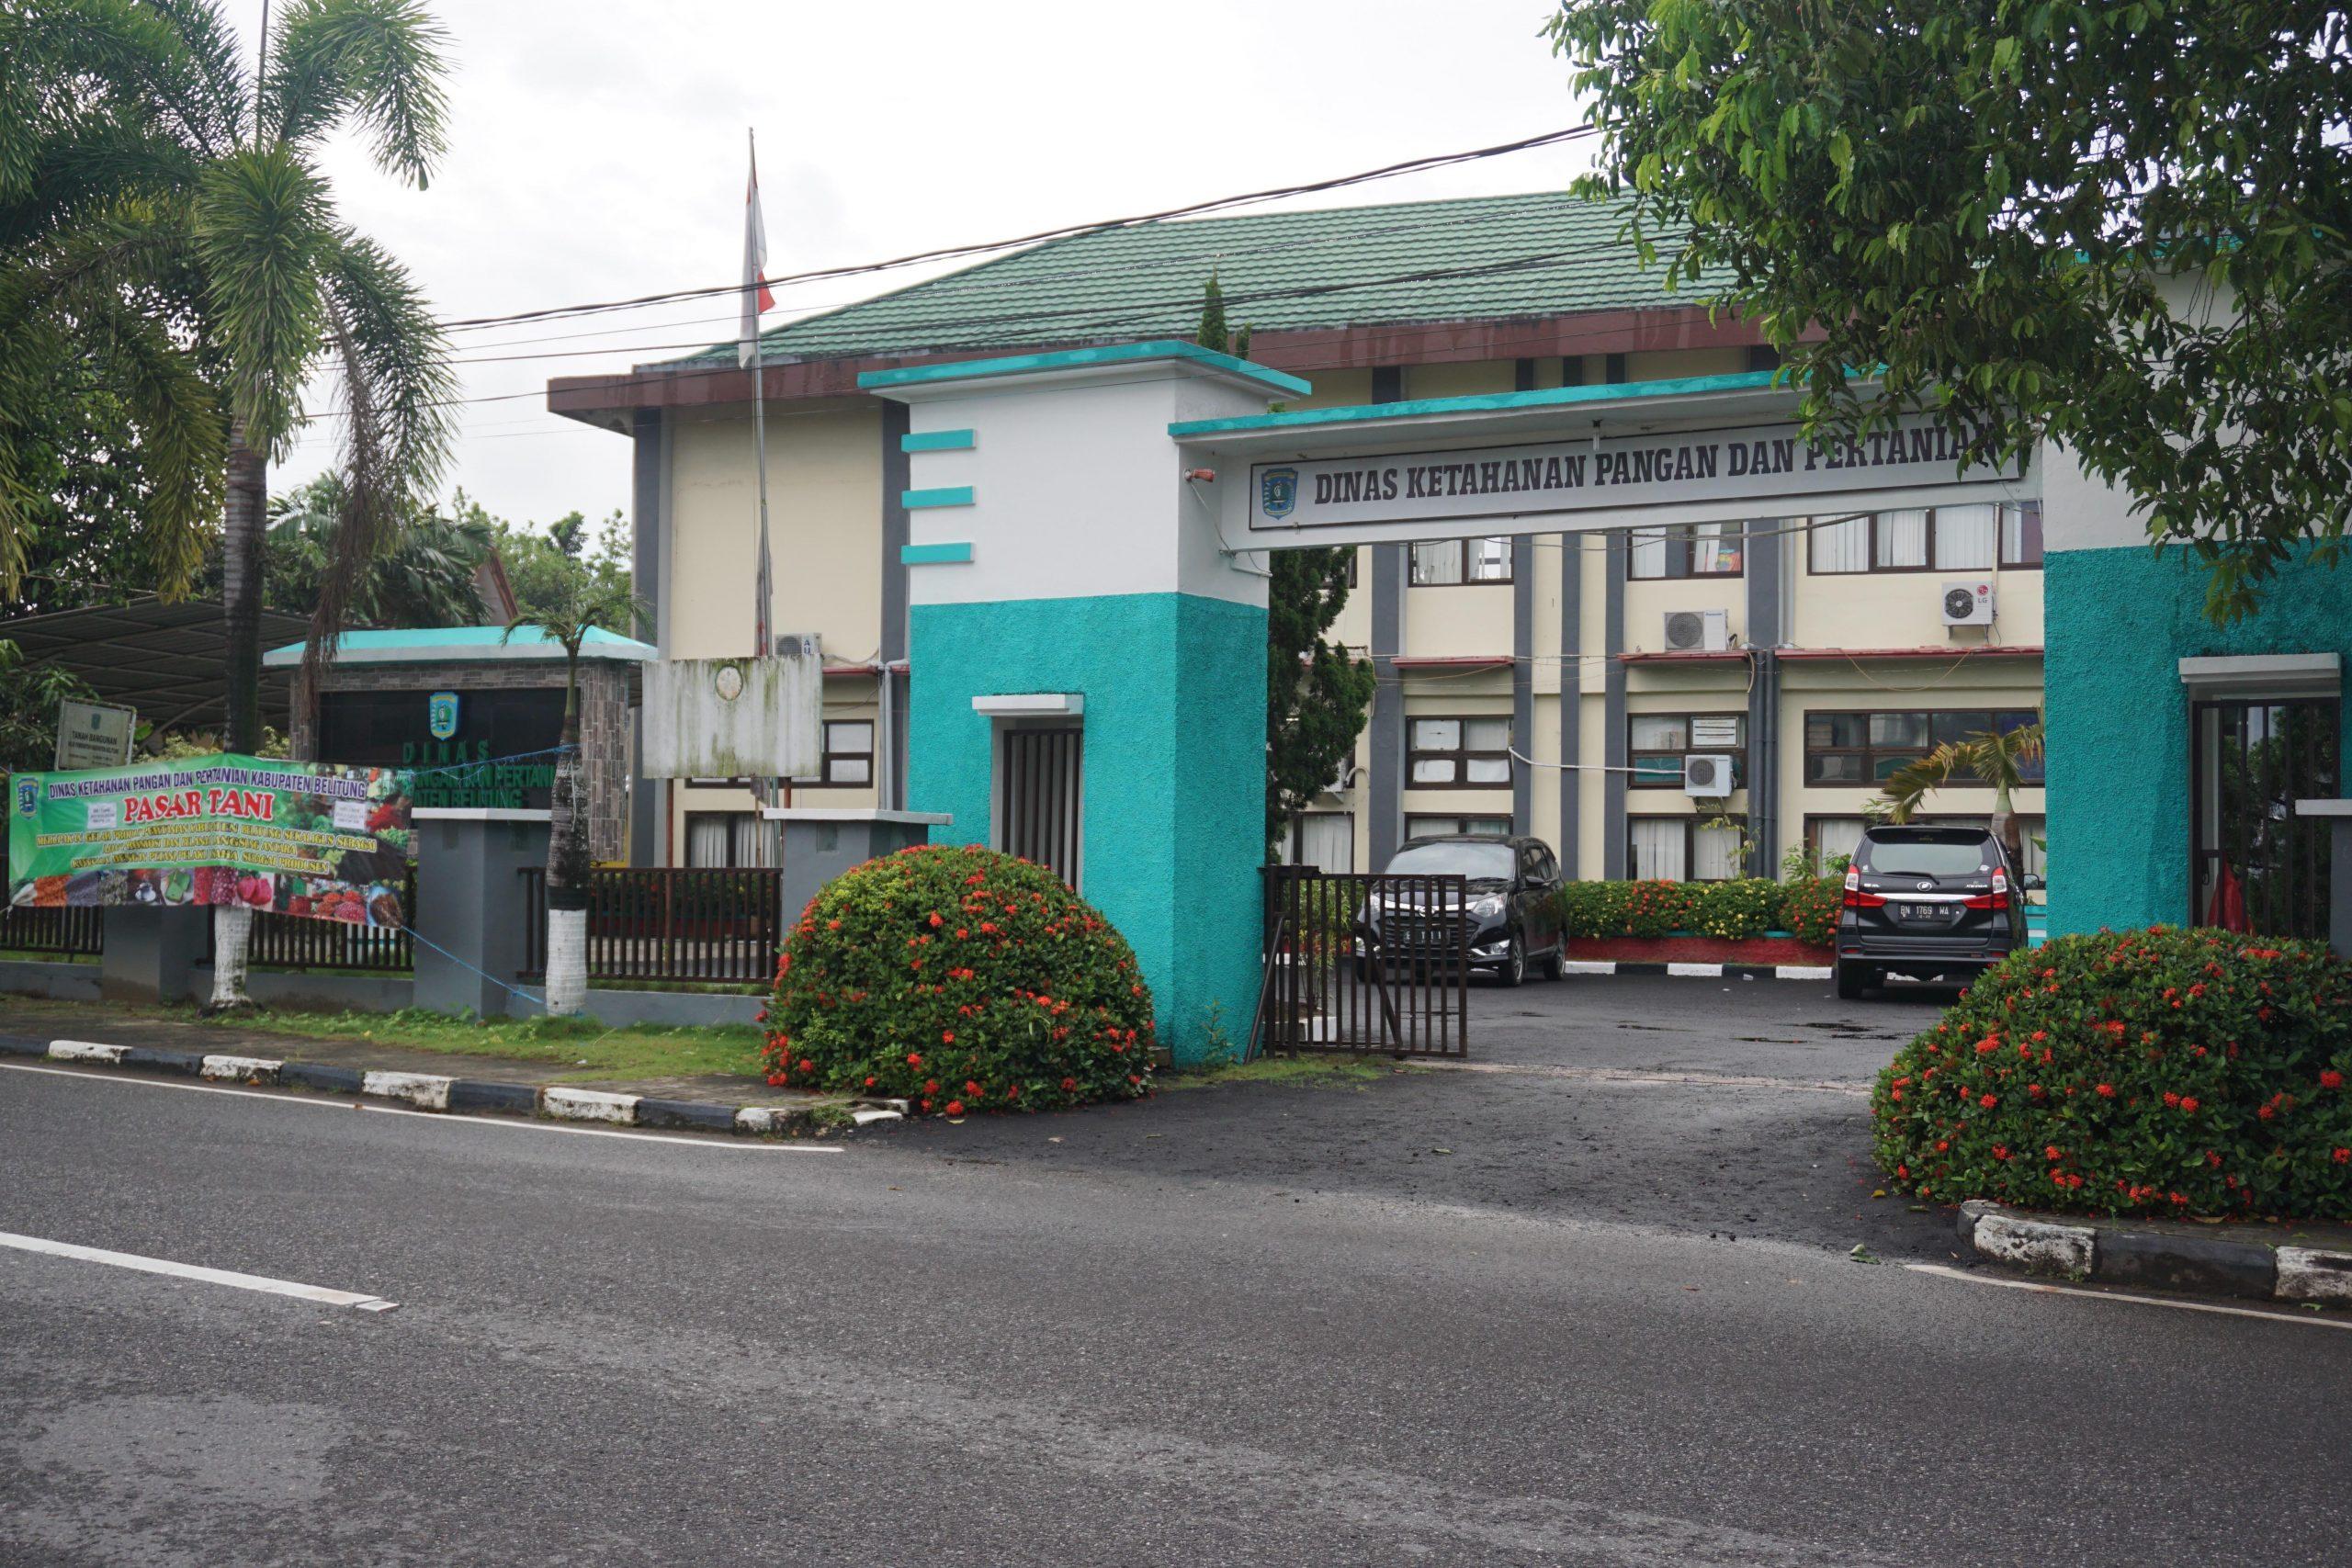 Kantor Dinas Ketahanan Pangan dan Pertanian Kabupaten Belitung